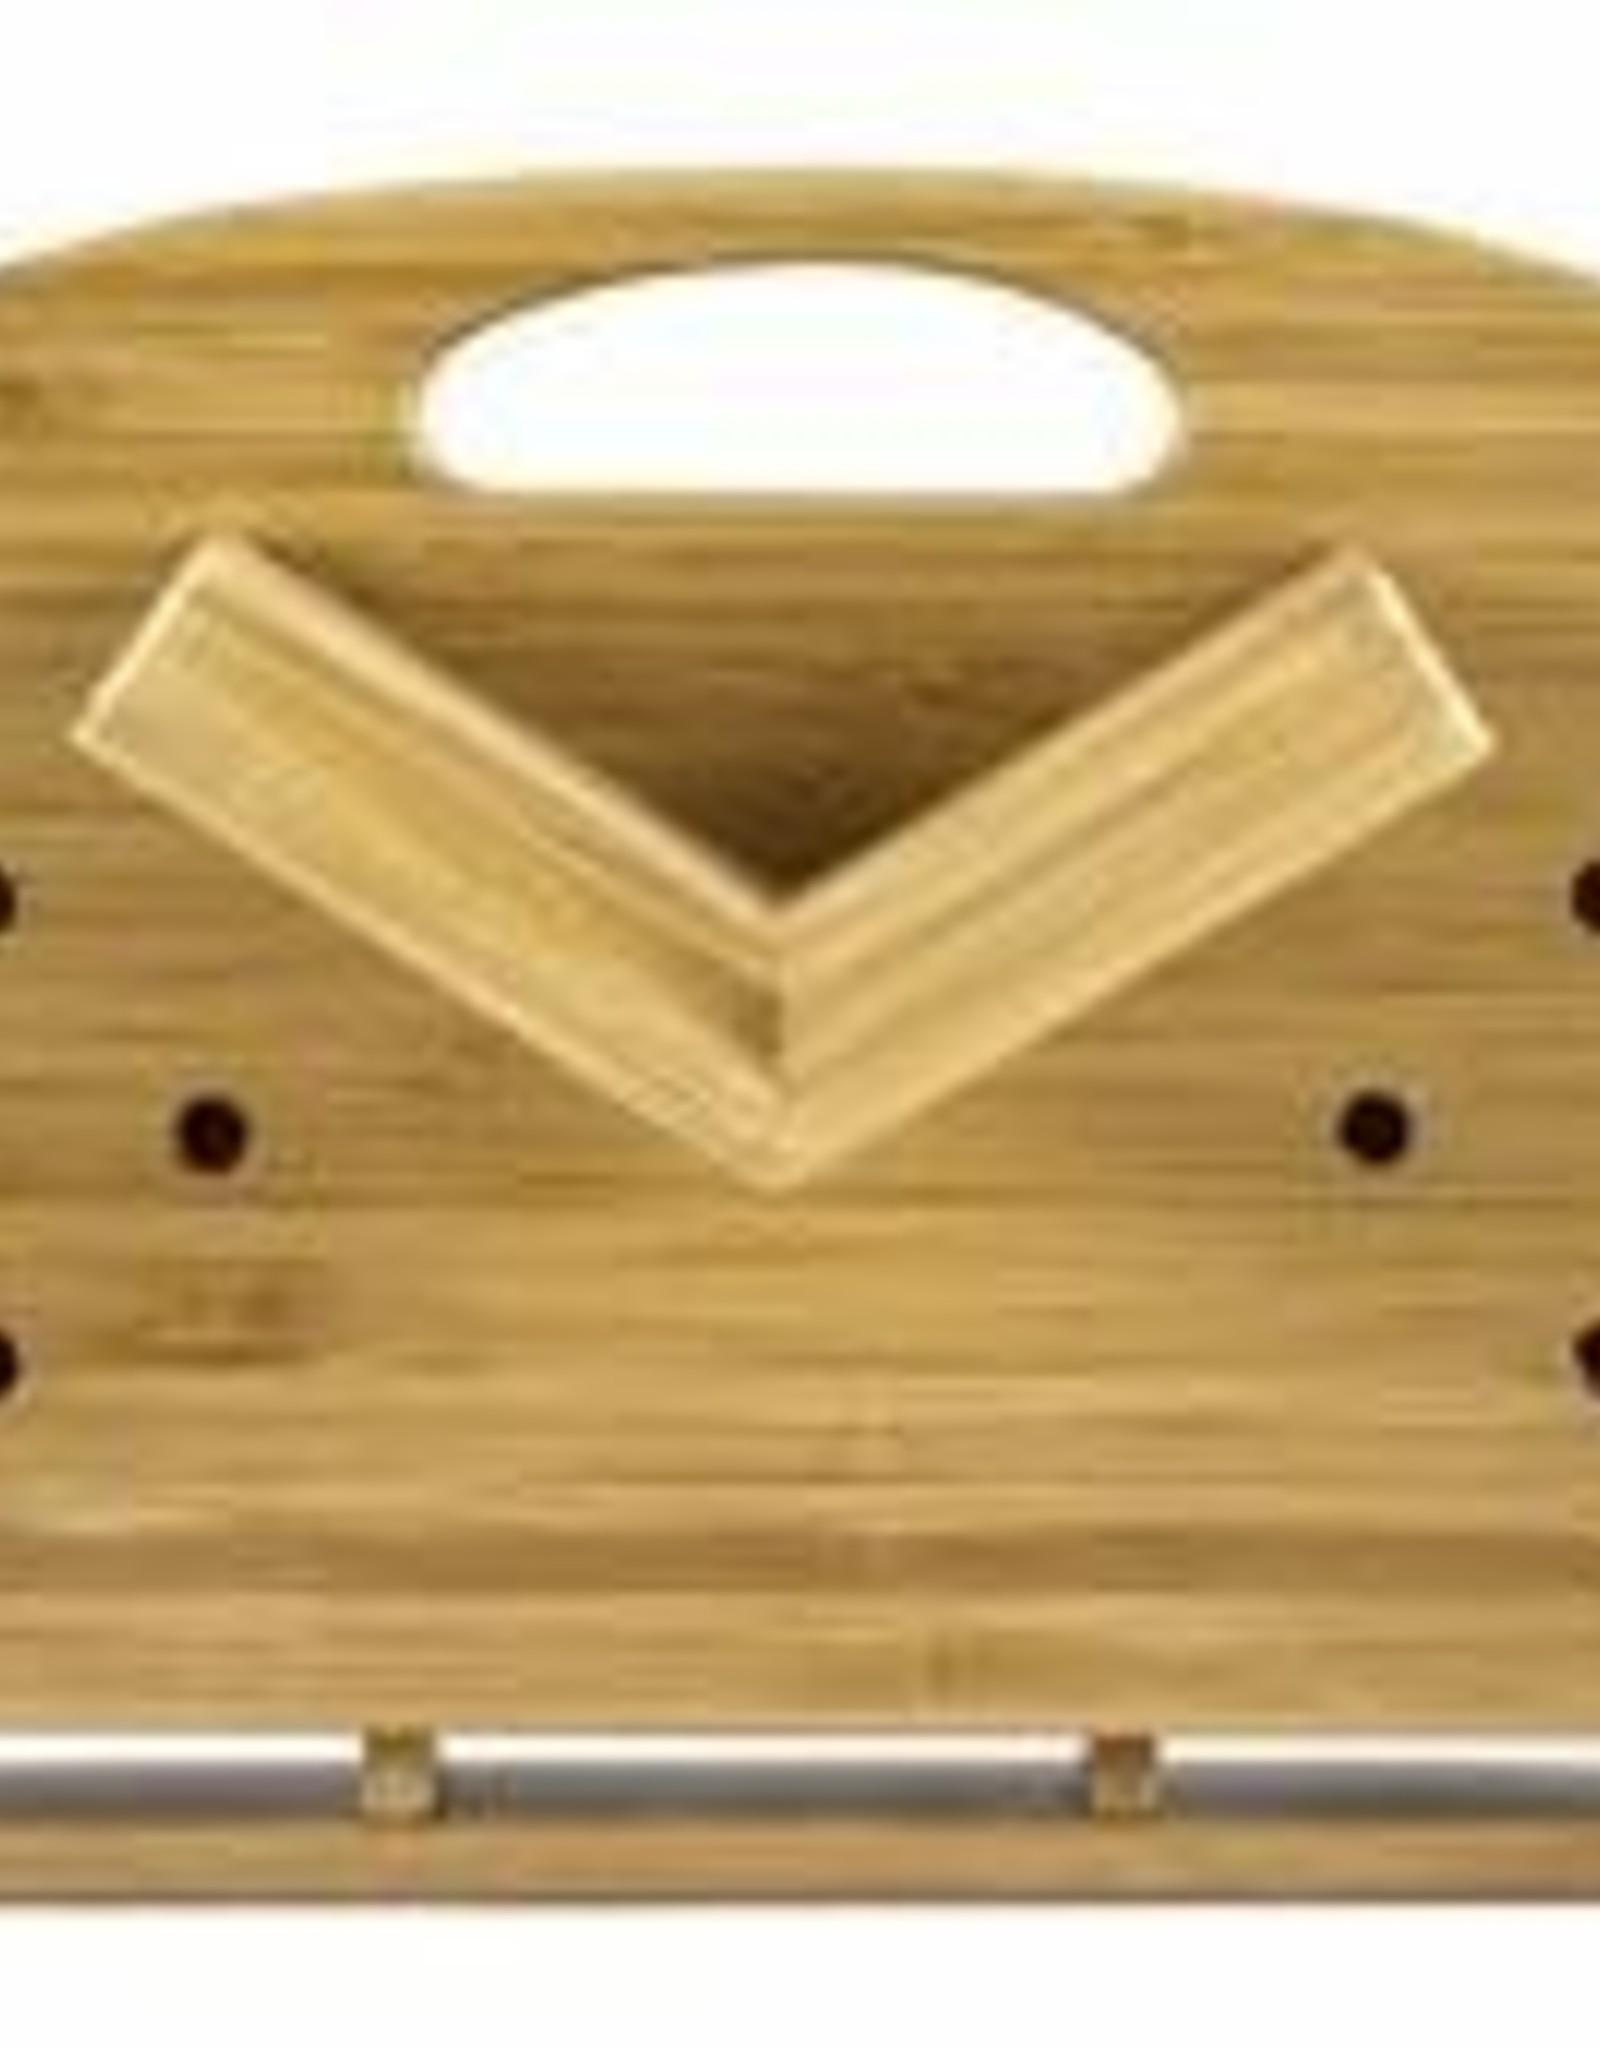 Utensil Holder Attachment for ECO Rack